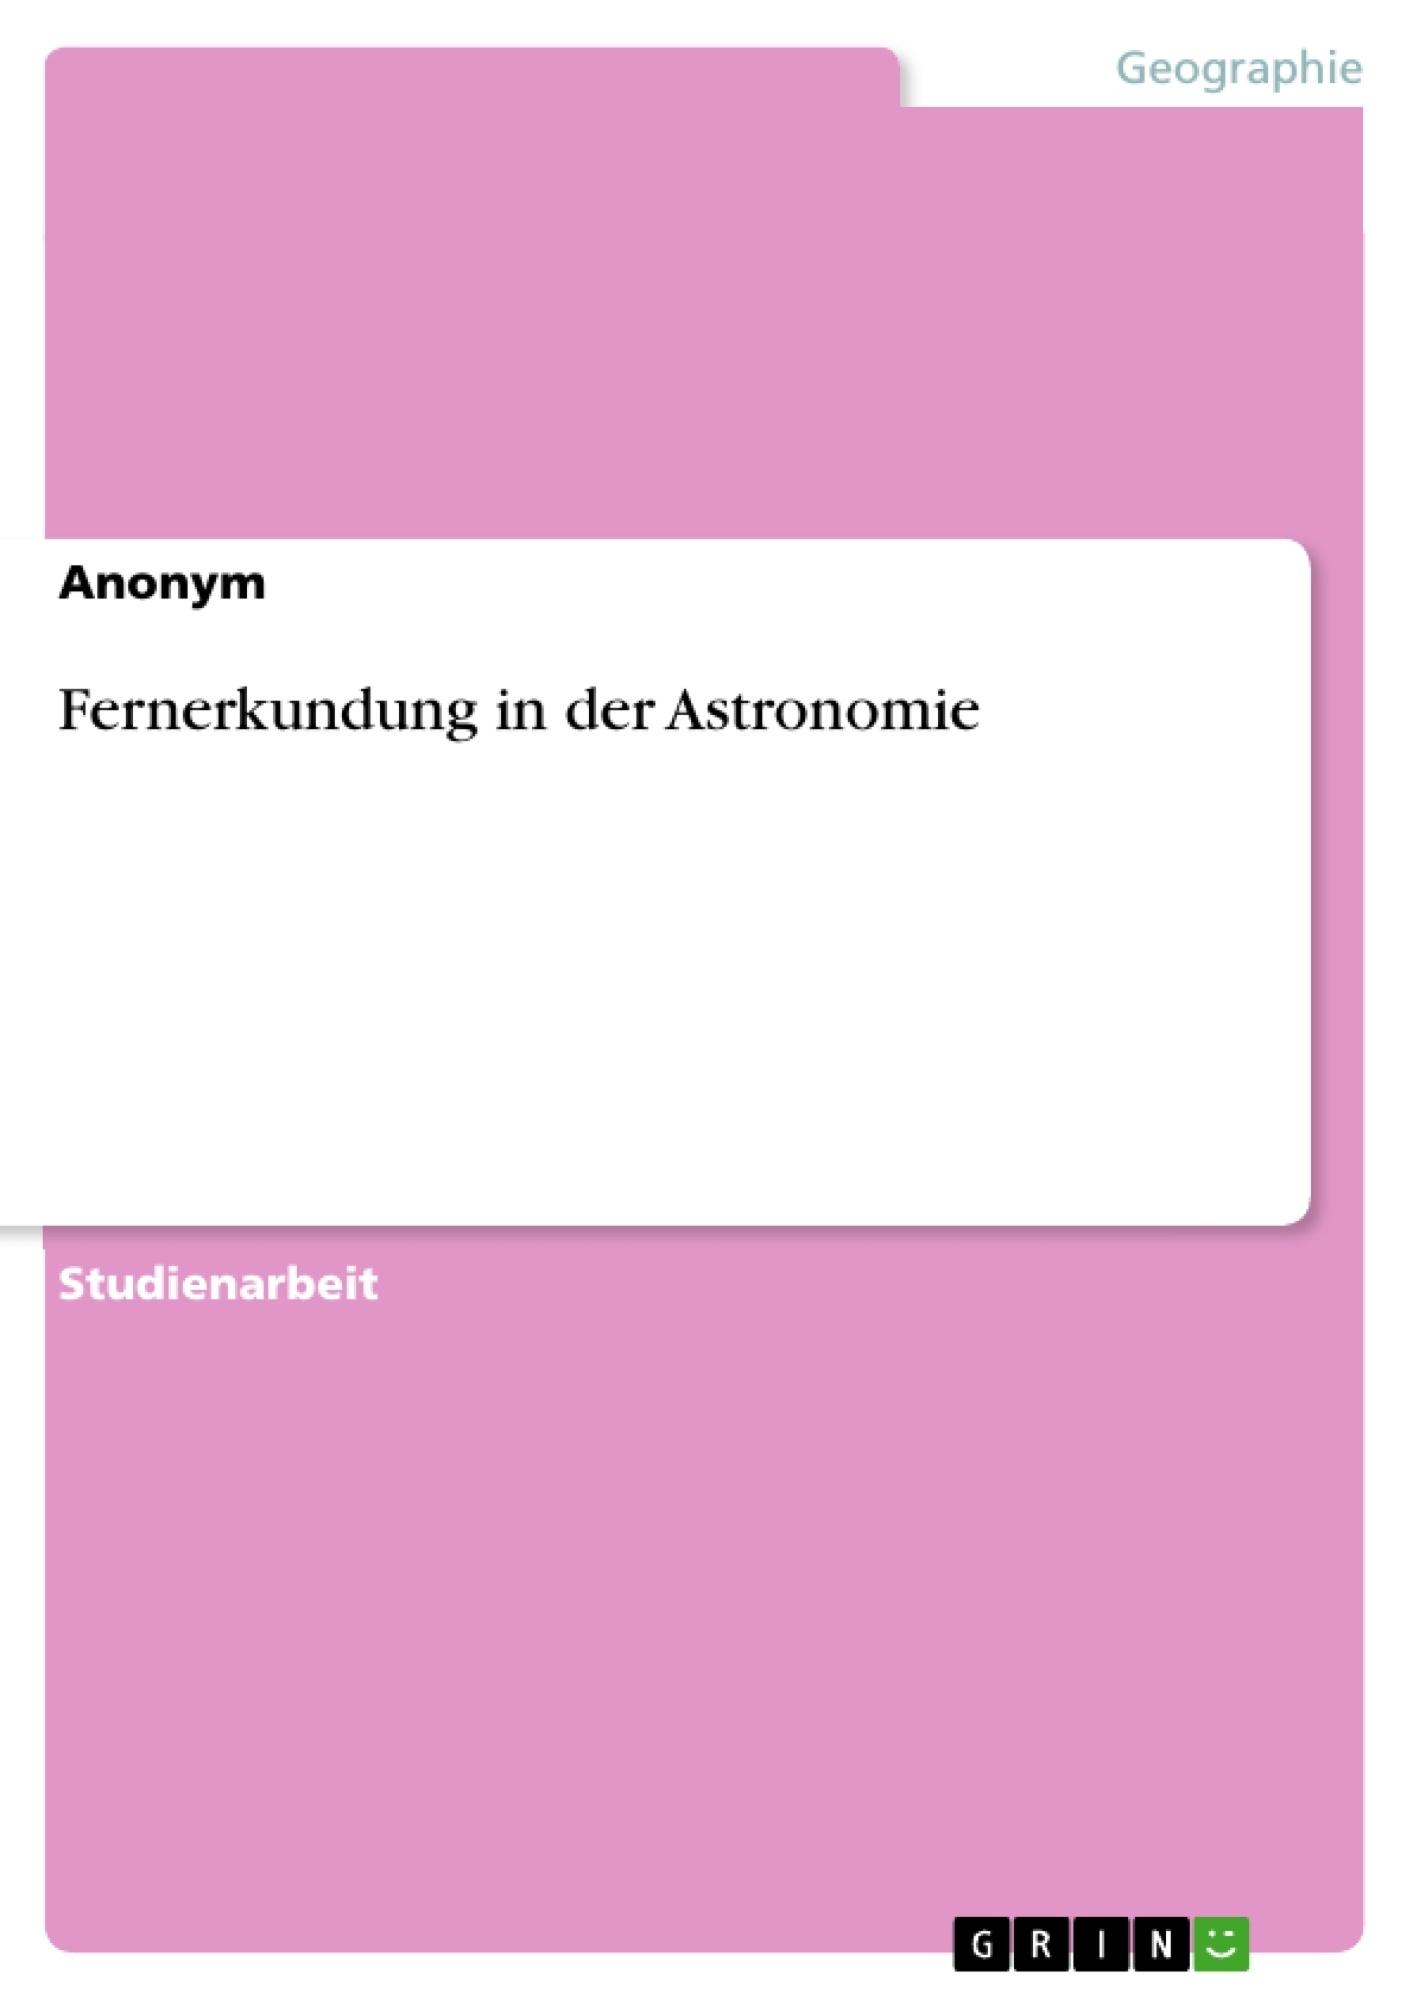 Titel: Fernerkundung in der Astronomie